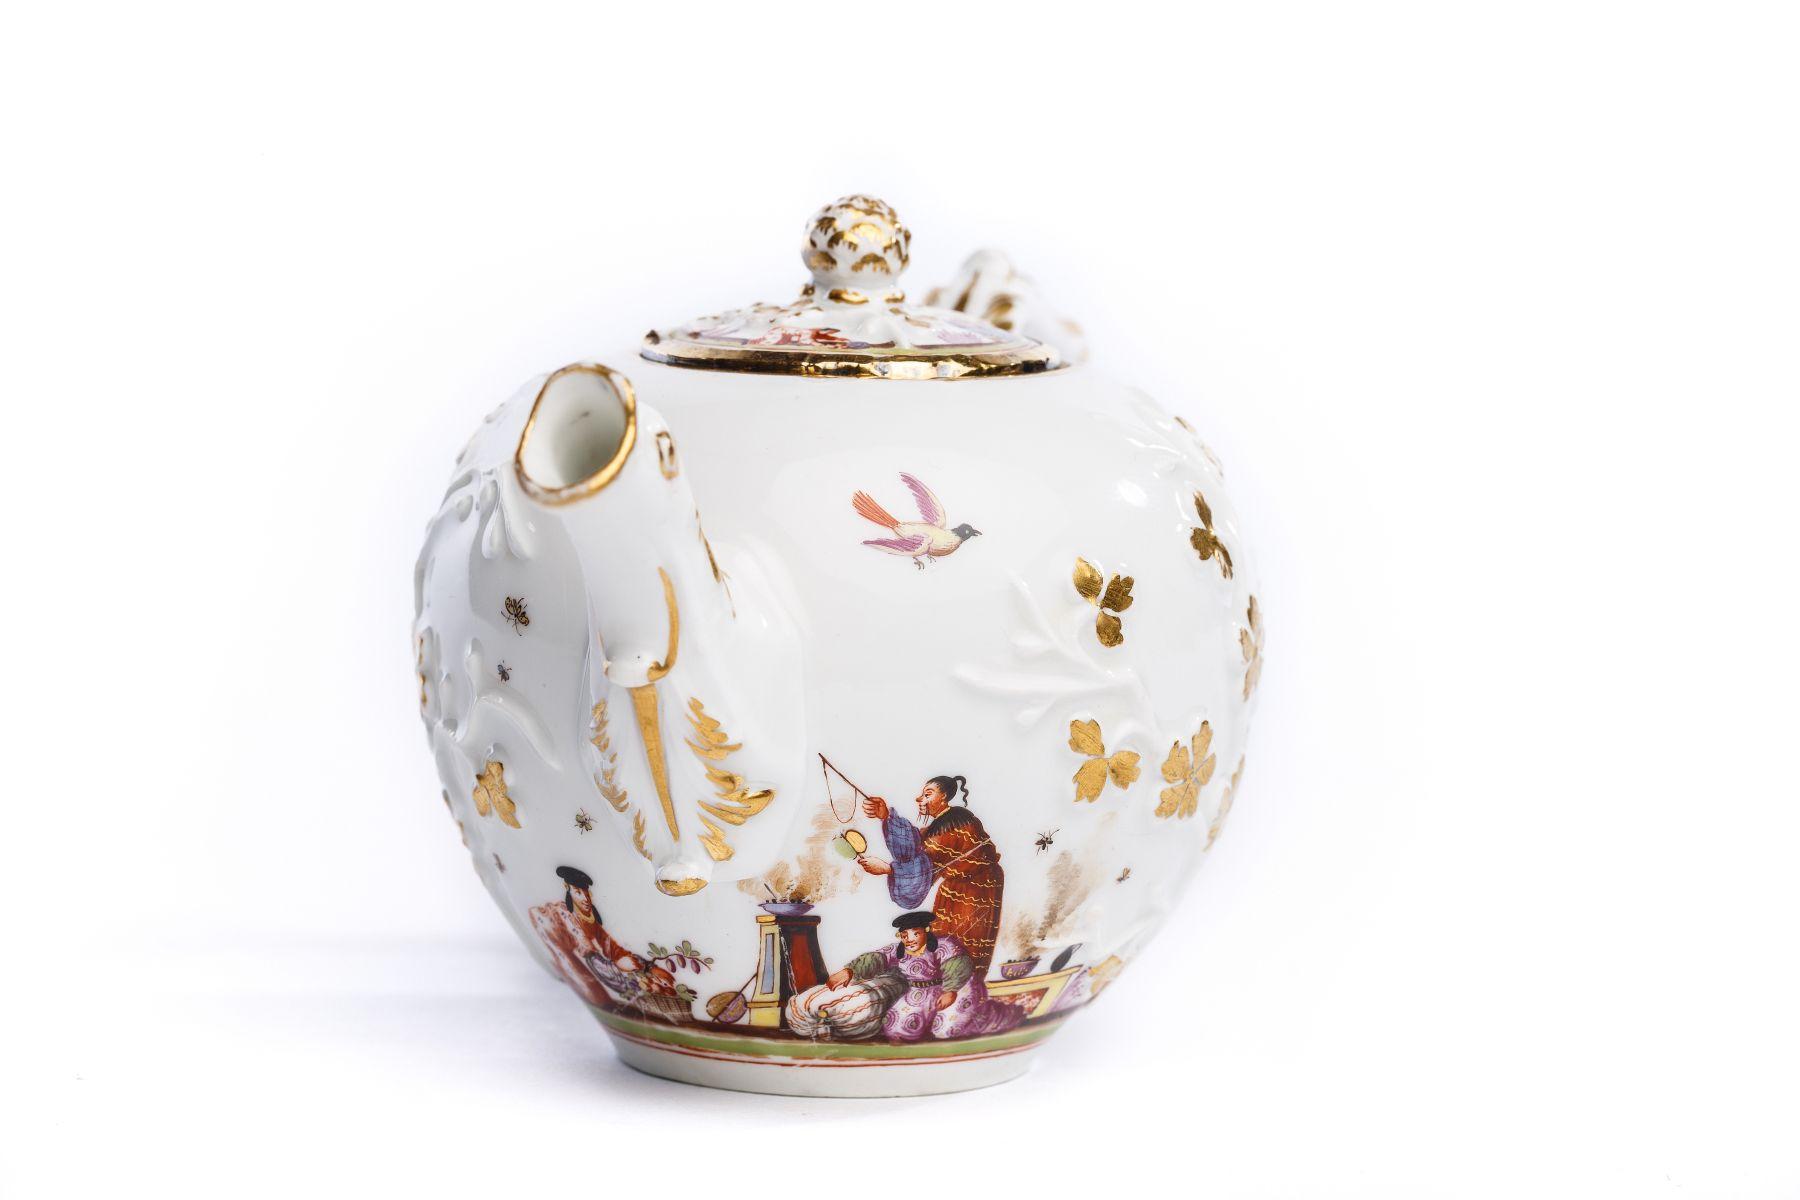 Teekanne, Meissen 1730 - Bild 2 aus 4